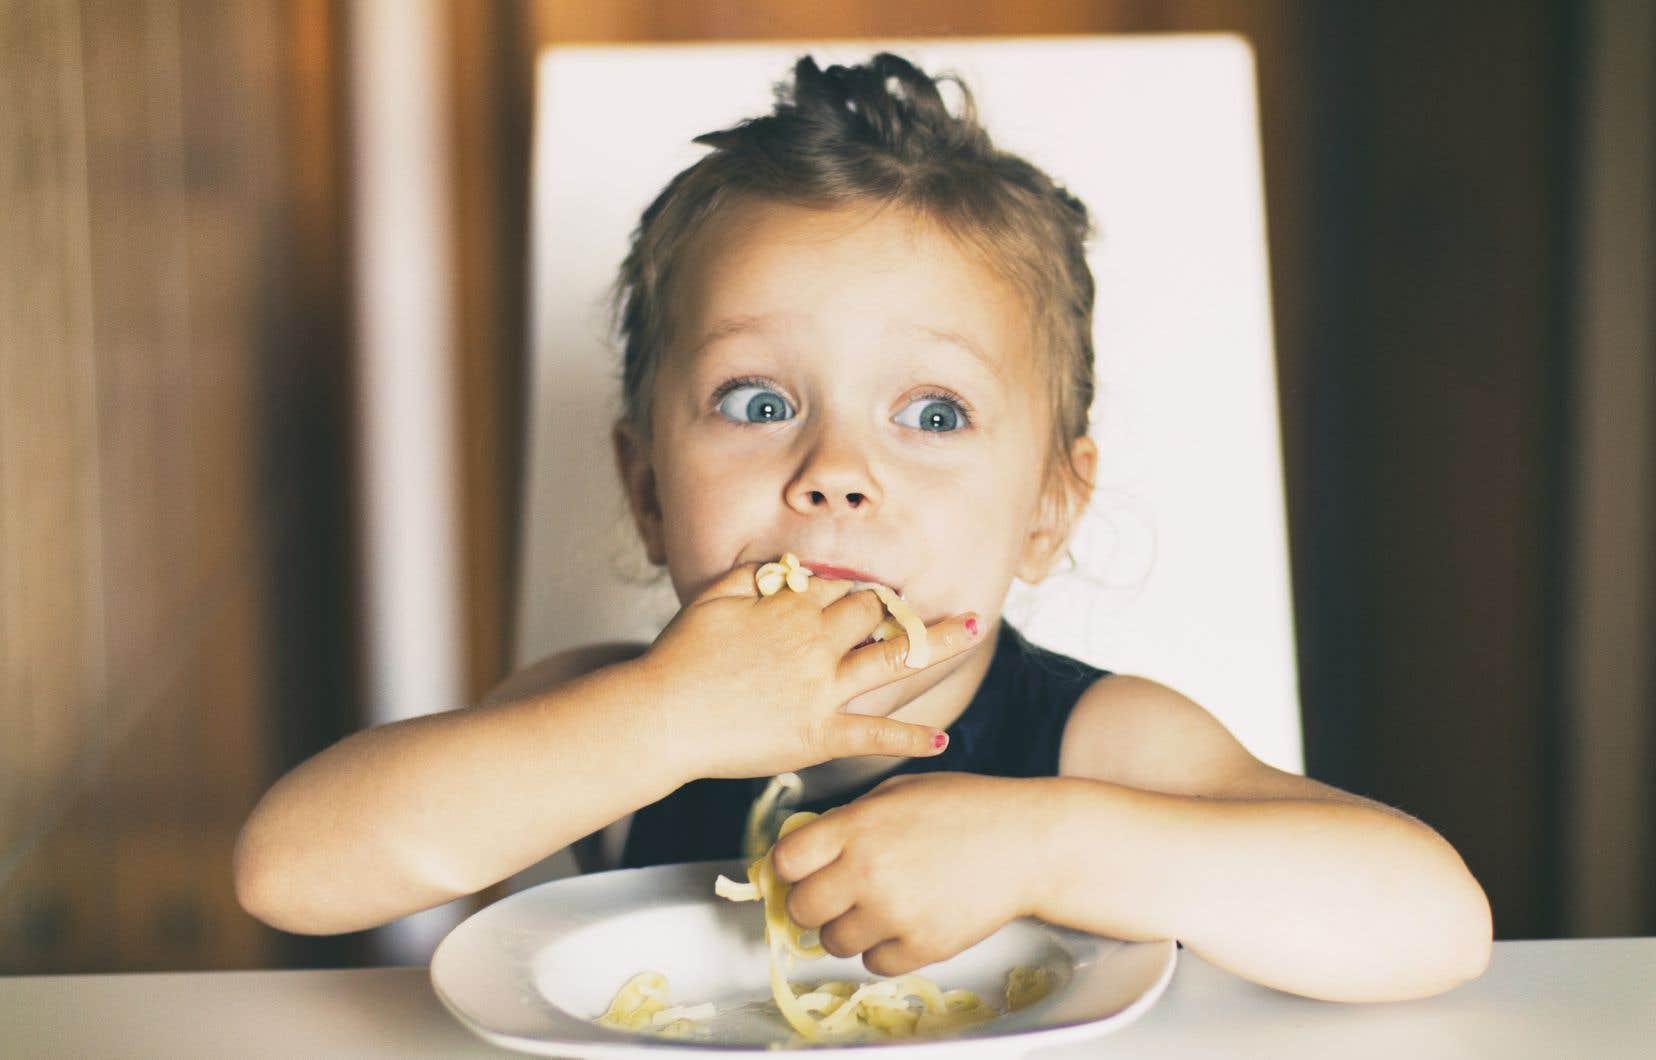 Les auteurs ont suivi pendant plusieurs années 1500 jeunes enfants, en demandant aux parents si la télévision était allumée pendant les repas, avec quelle fréquence, ainsi que le temps total passé par les enfants devant la télévision, l'ordinateur ou les jeux vidéo.